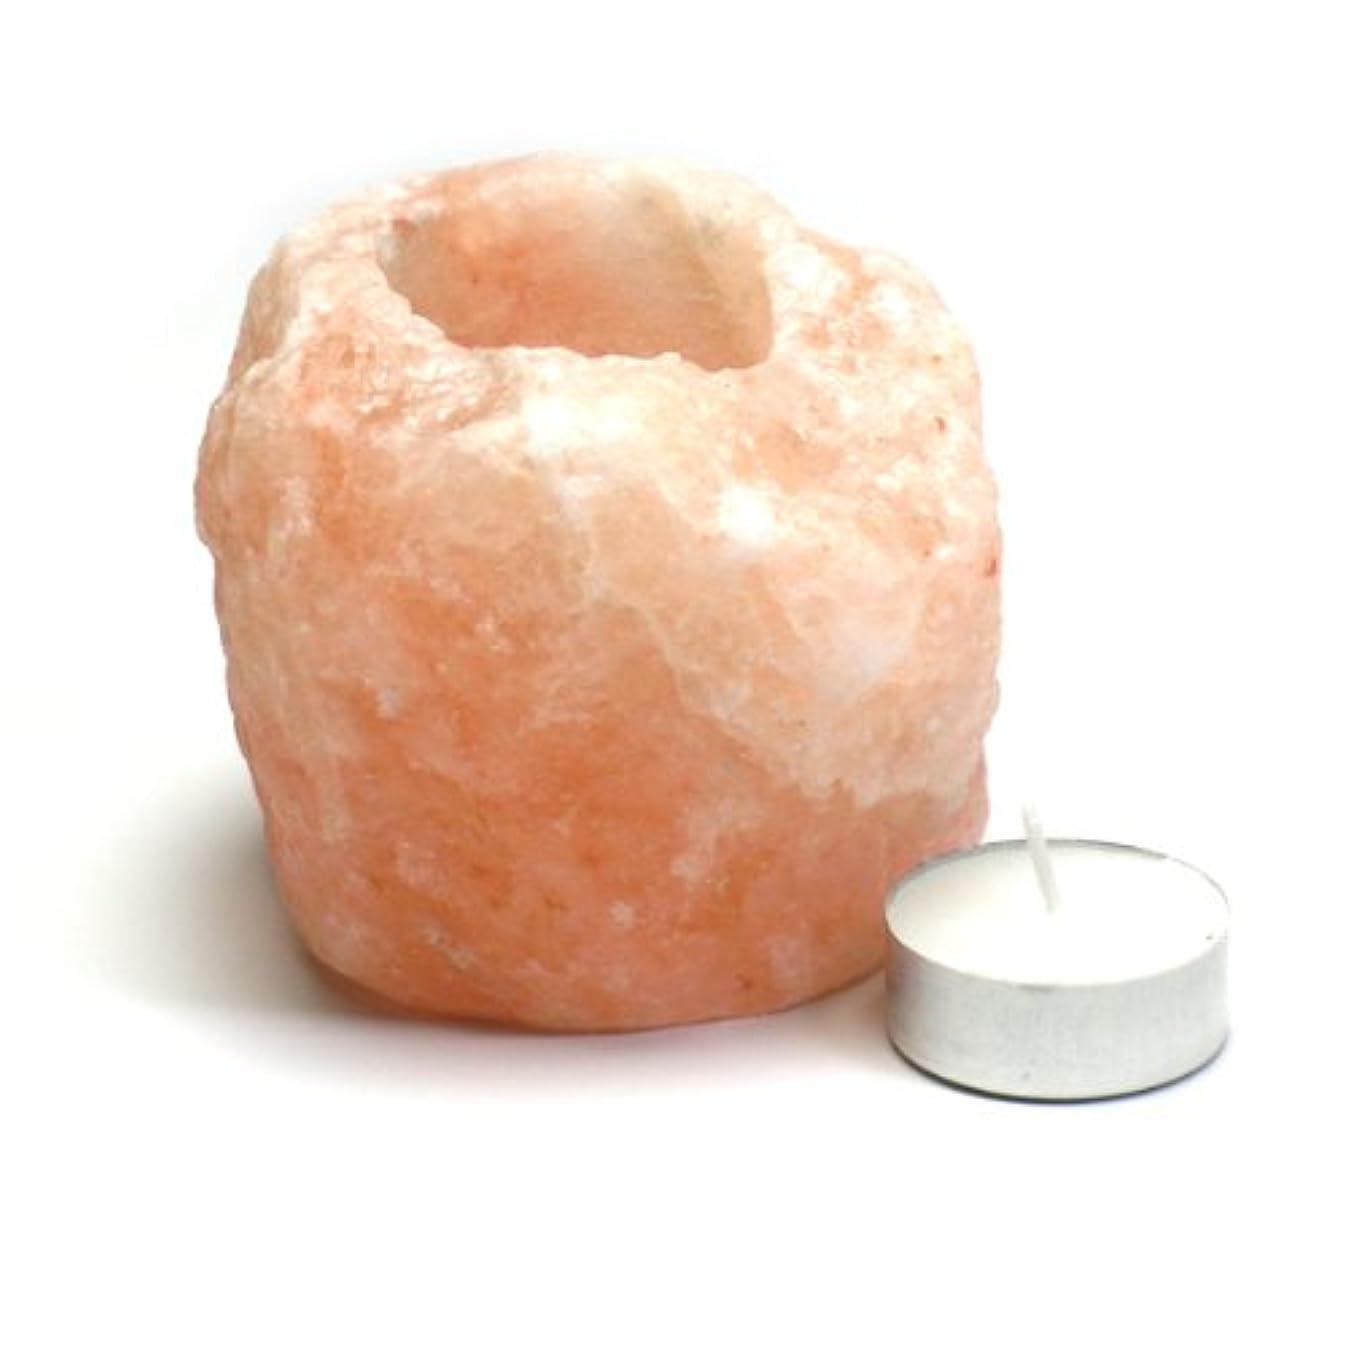 スタイル道徳教育味付けヒマラヤ岩塩 キャンドルホルダー1~1.4kg ピンクソルトキャンドルスタンド ティーライト用 ランタン